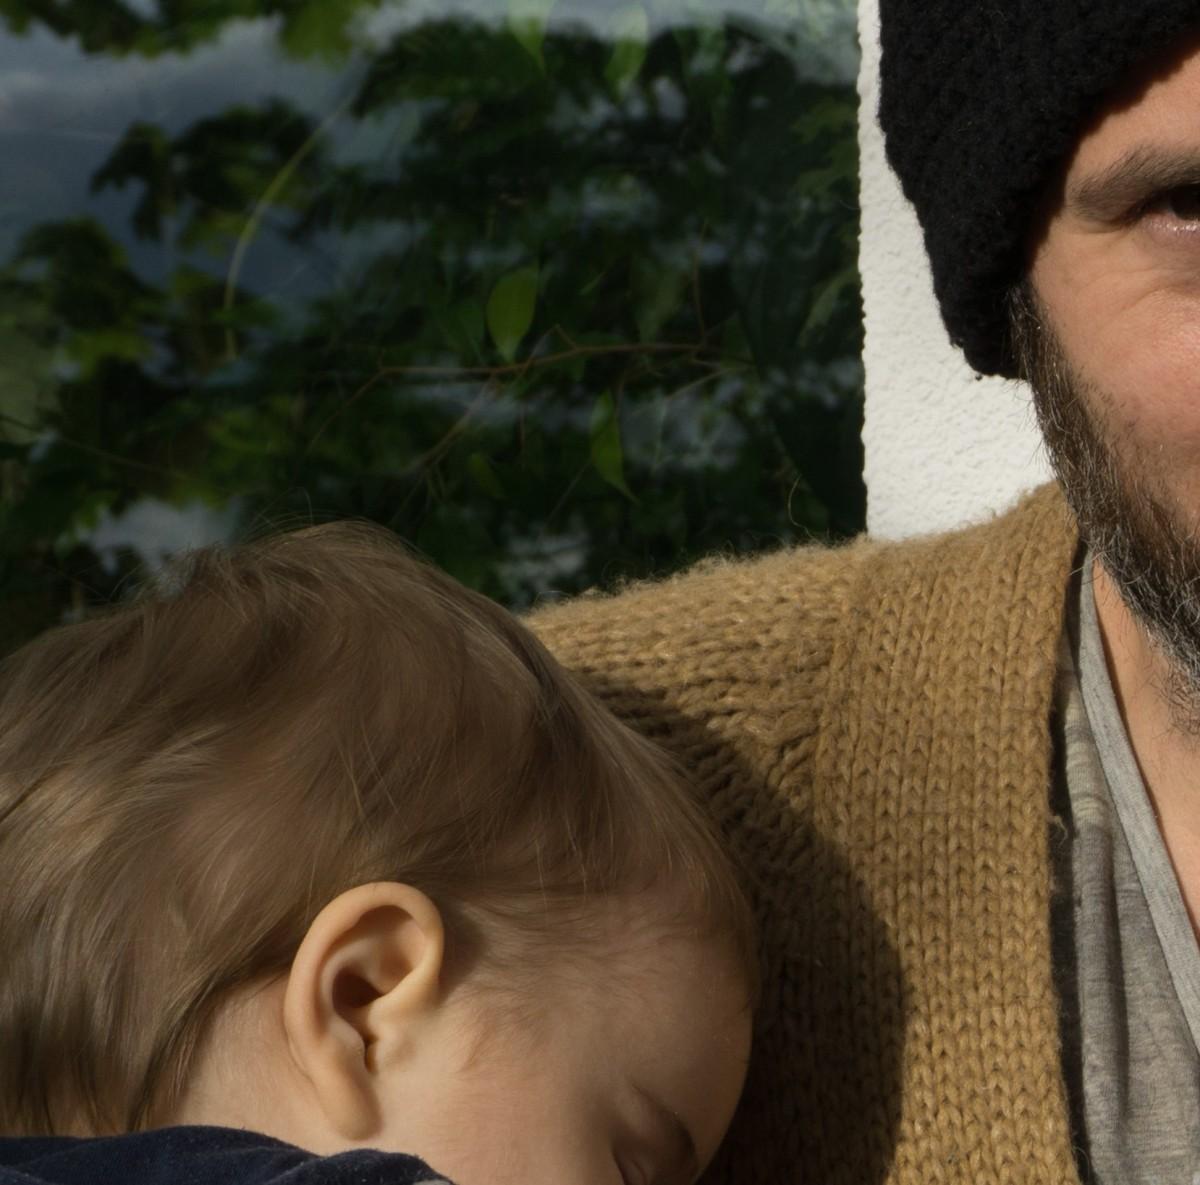 Mein erstes Wochenende ohne Baby – zwei Männer alleinzuhause